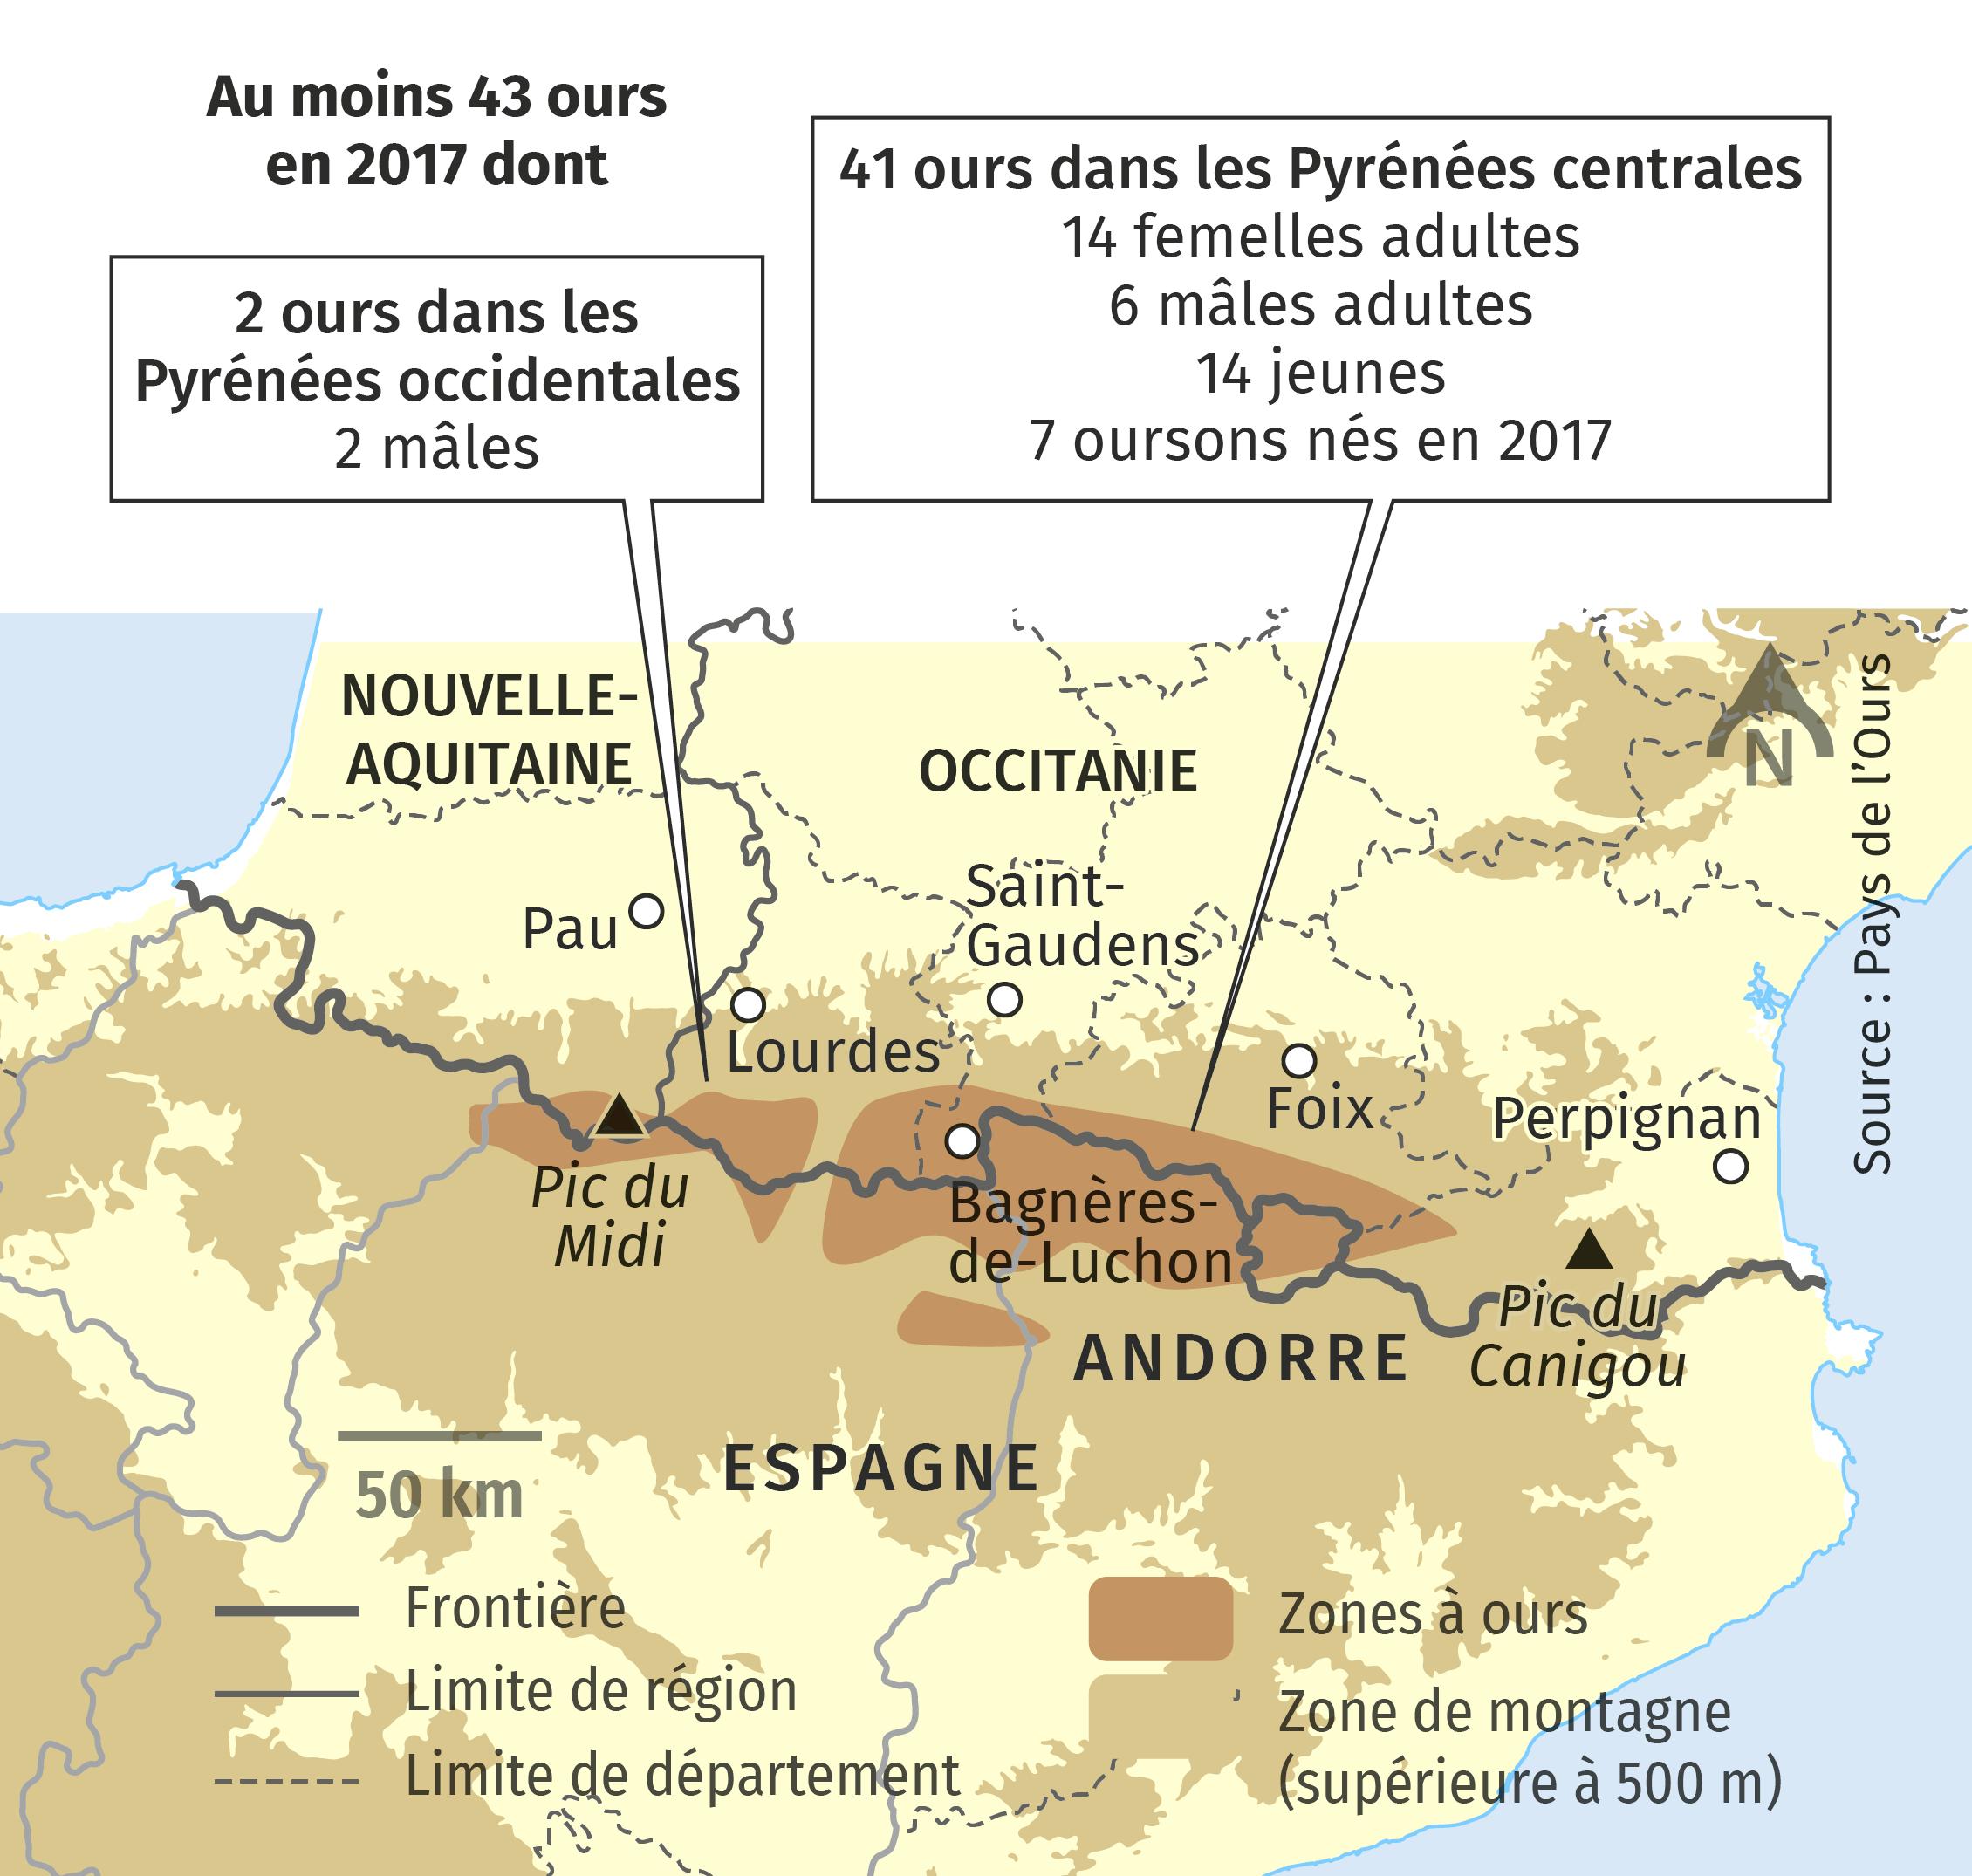 La répartition des ours dans les Pyrénées